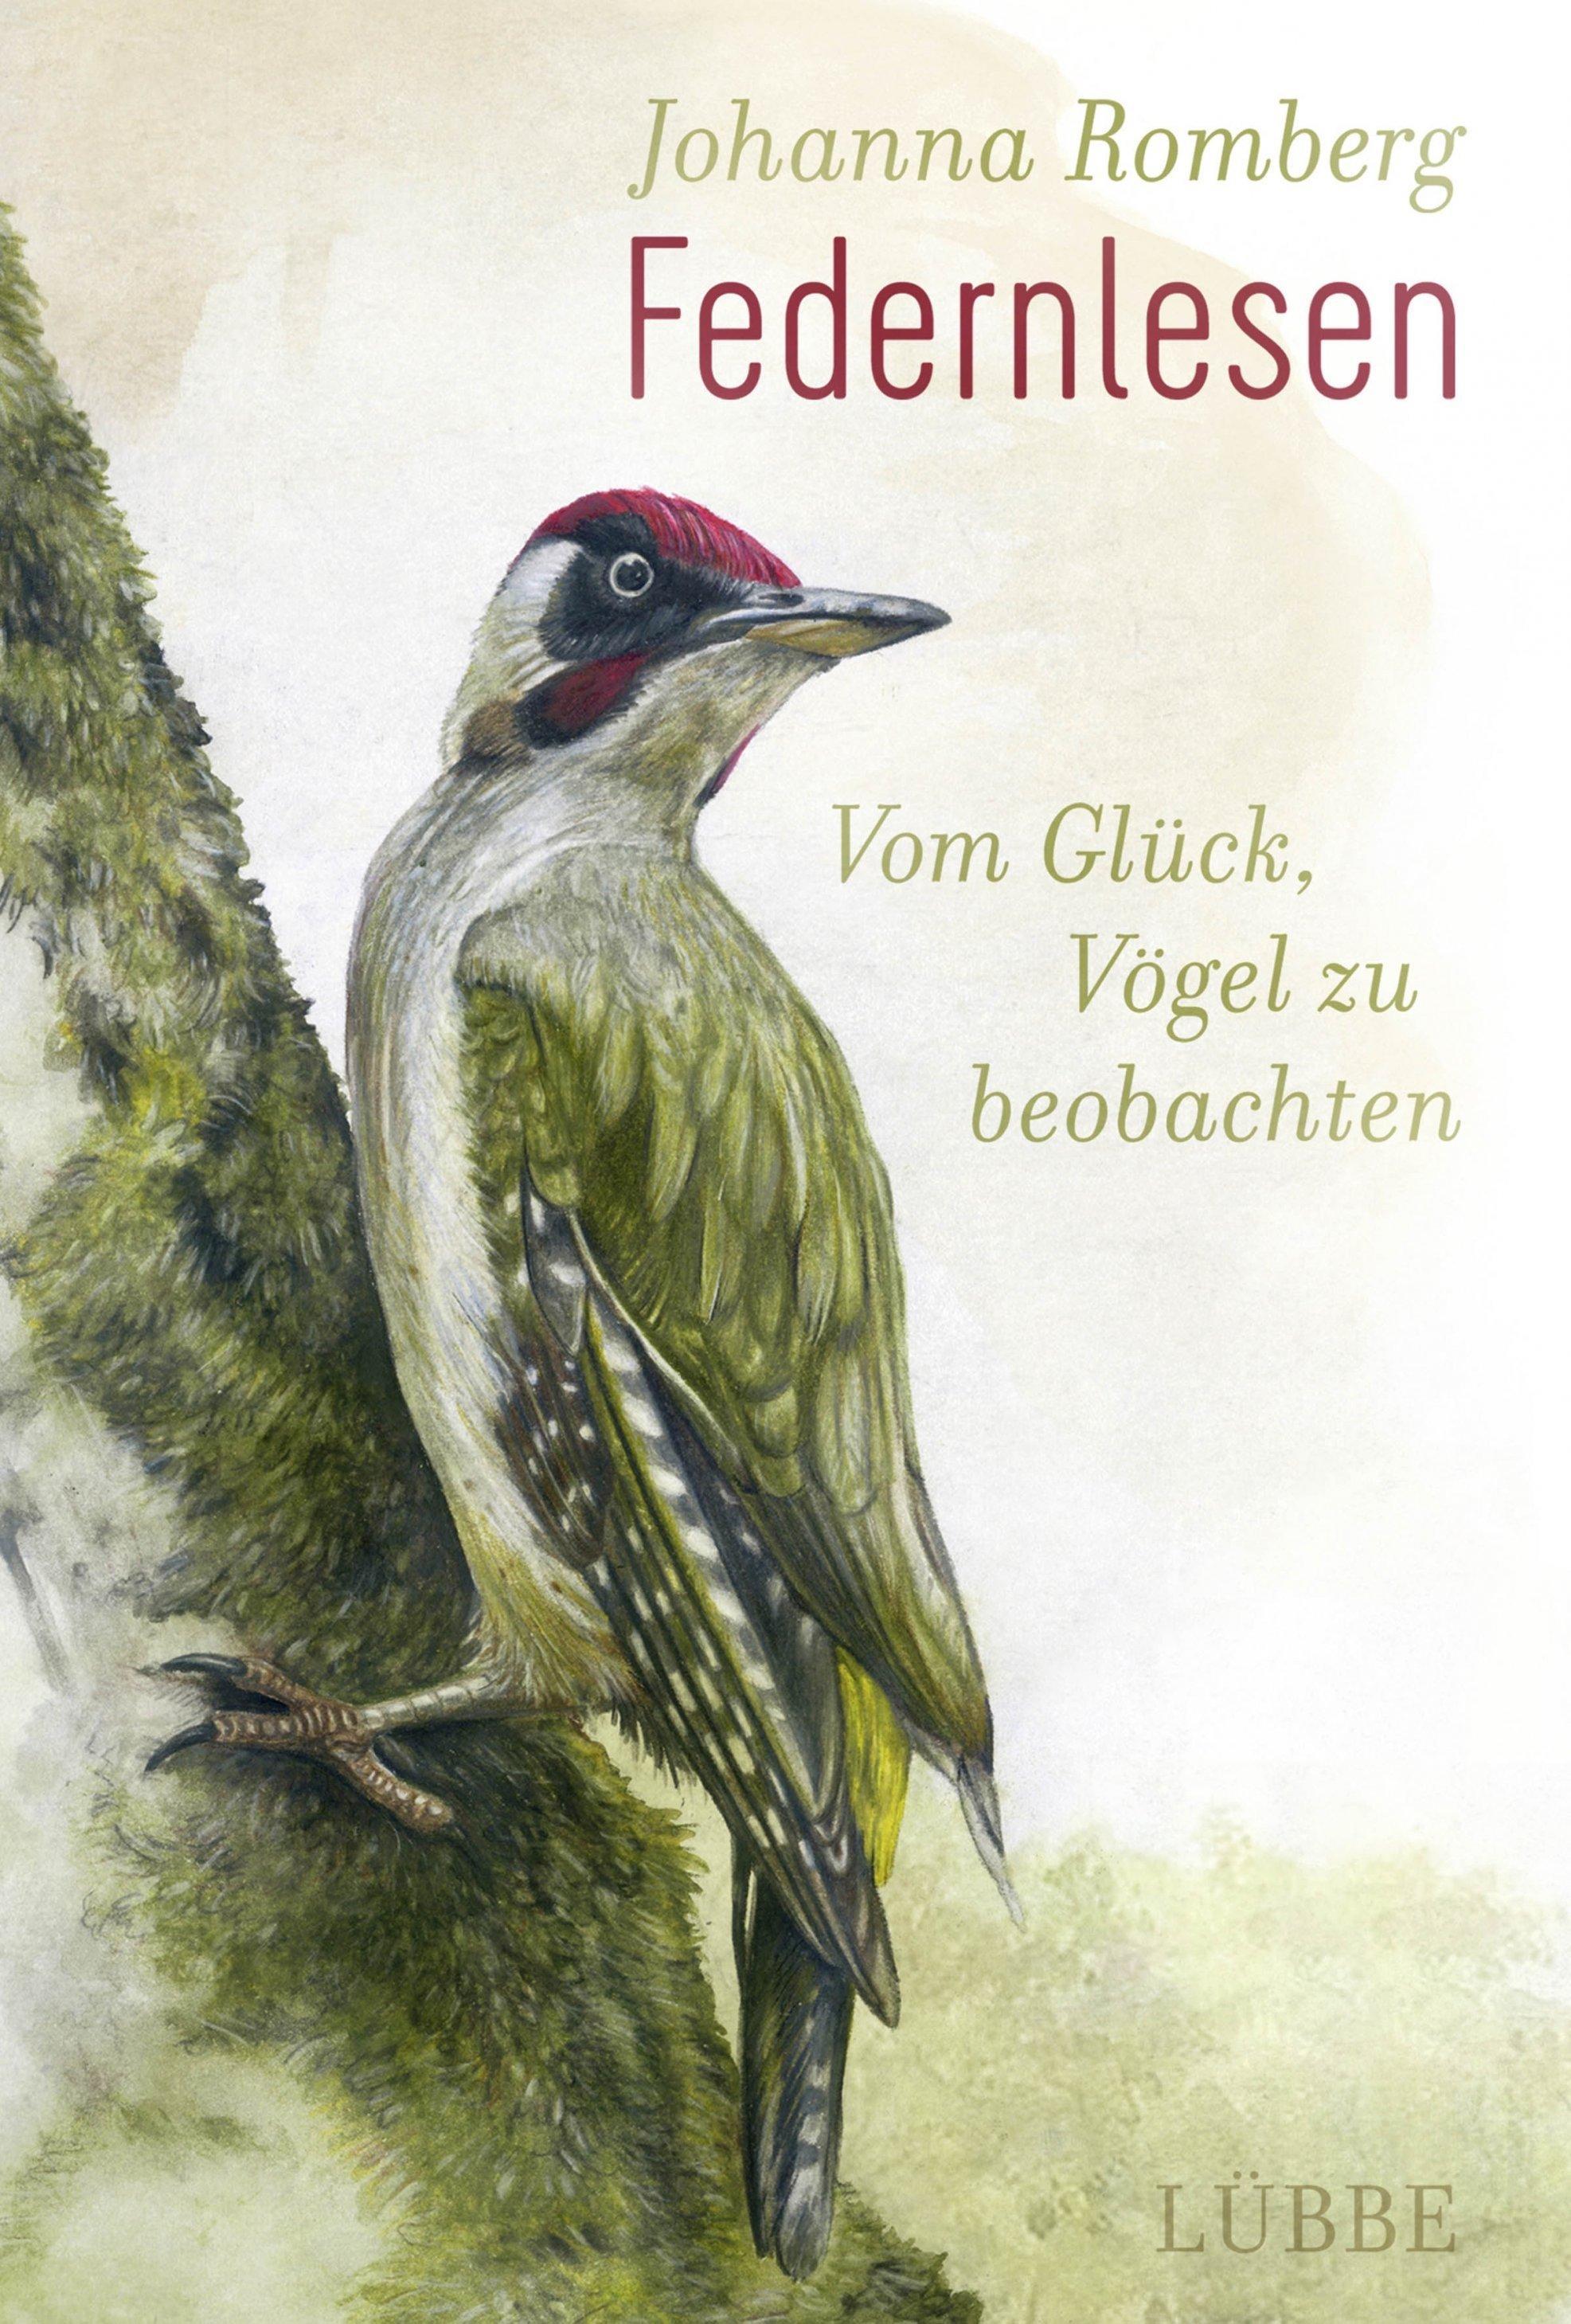 """Der Grünspecht kommt auch darin vor: Cover von """"Federnlesen"""""""